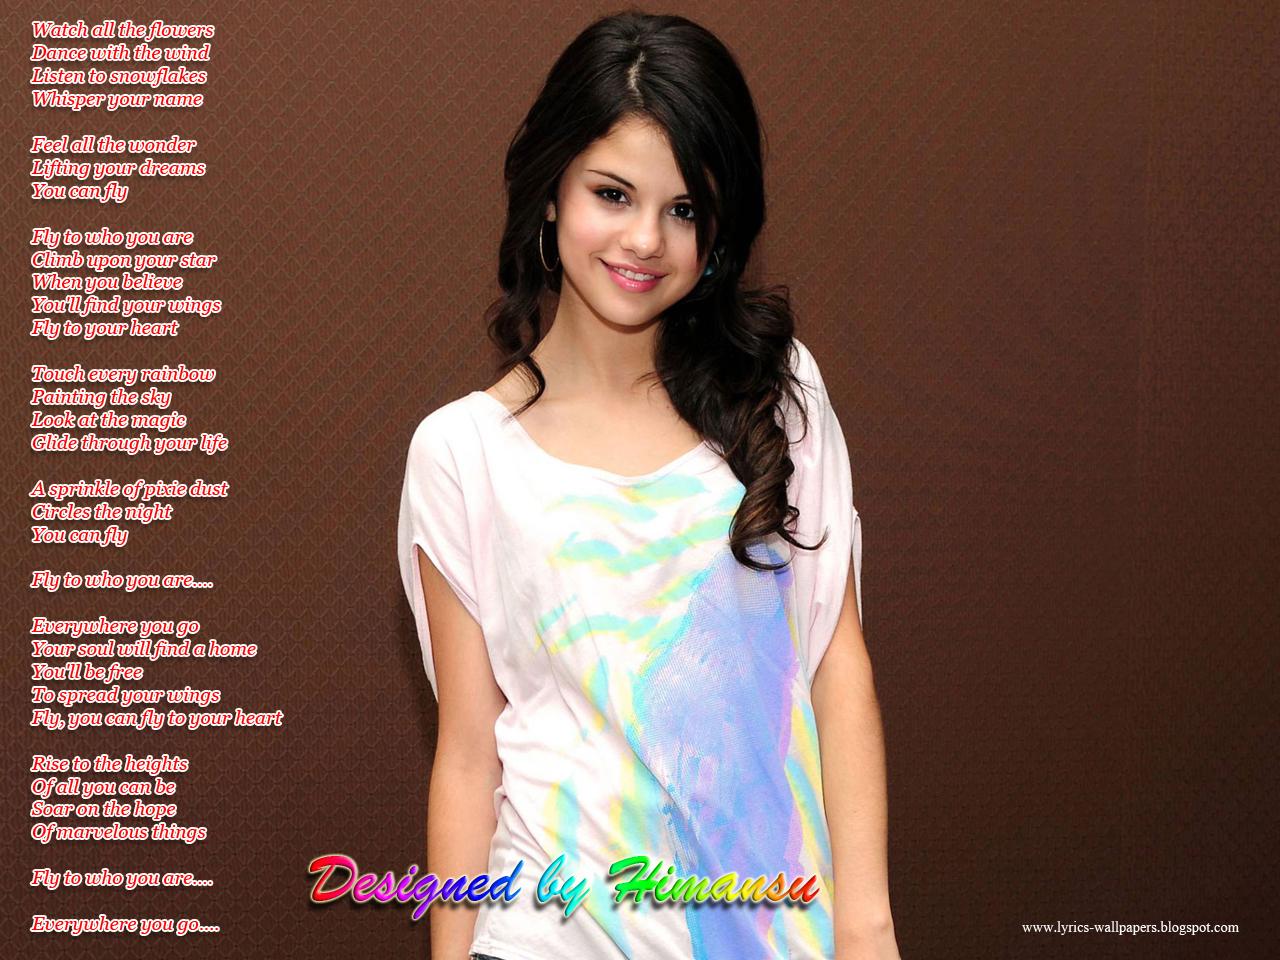 http://3.bp.blogspot.com/-jhRTcLJ4mcw/UGrX71ub7jI/AAAAAAAAAFg/yf0fYaqERKc/s1600/fly+to+your+heart.jpg